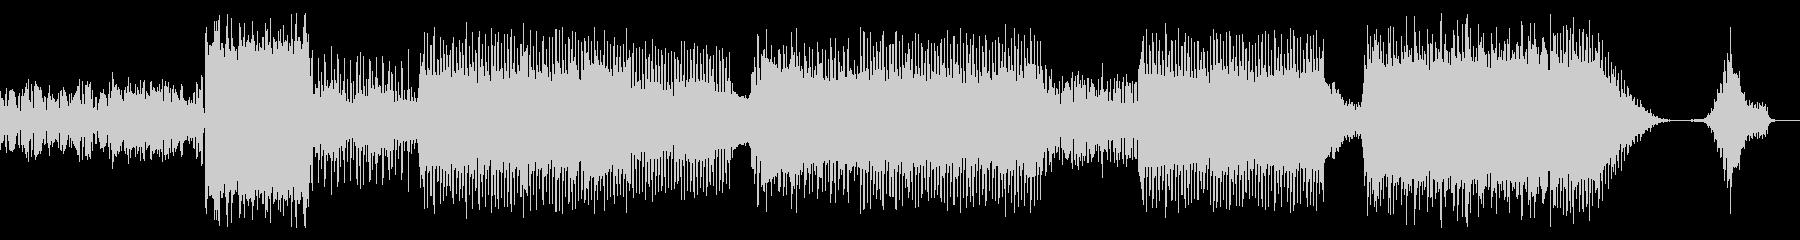 シンセサウンドゆらゆらポップスBGMの未再生の波形